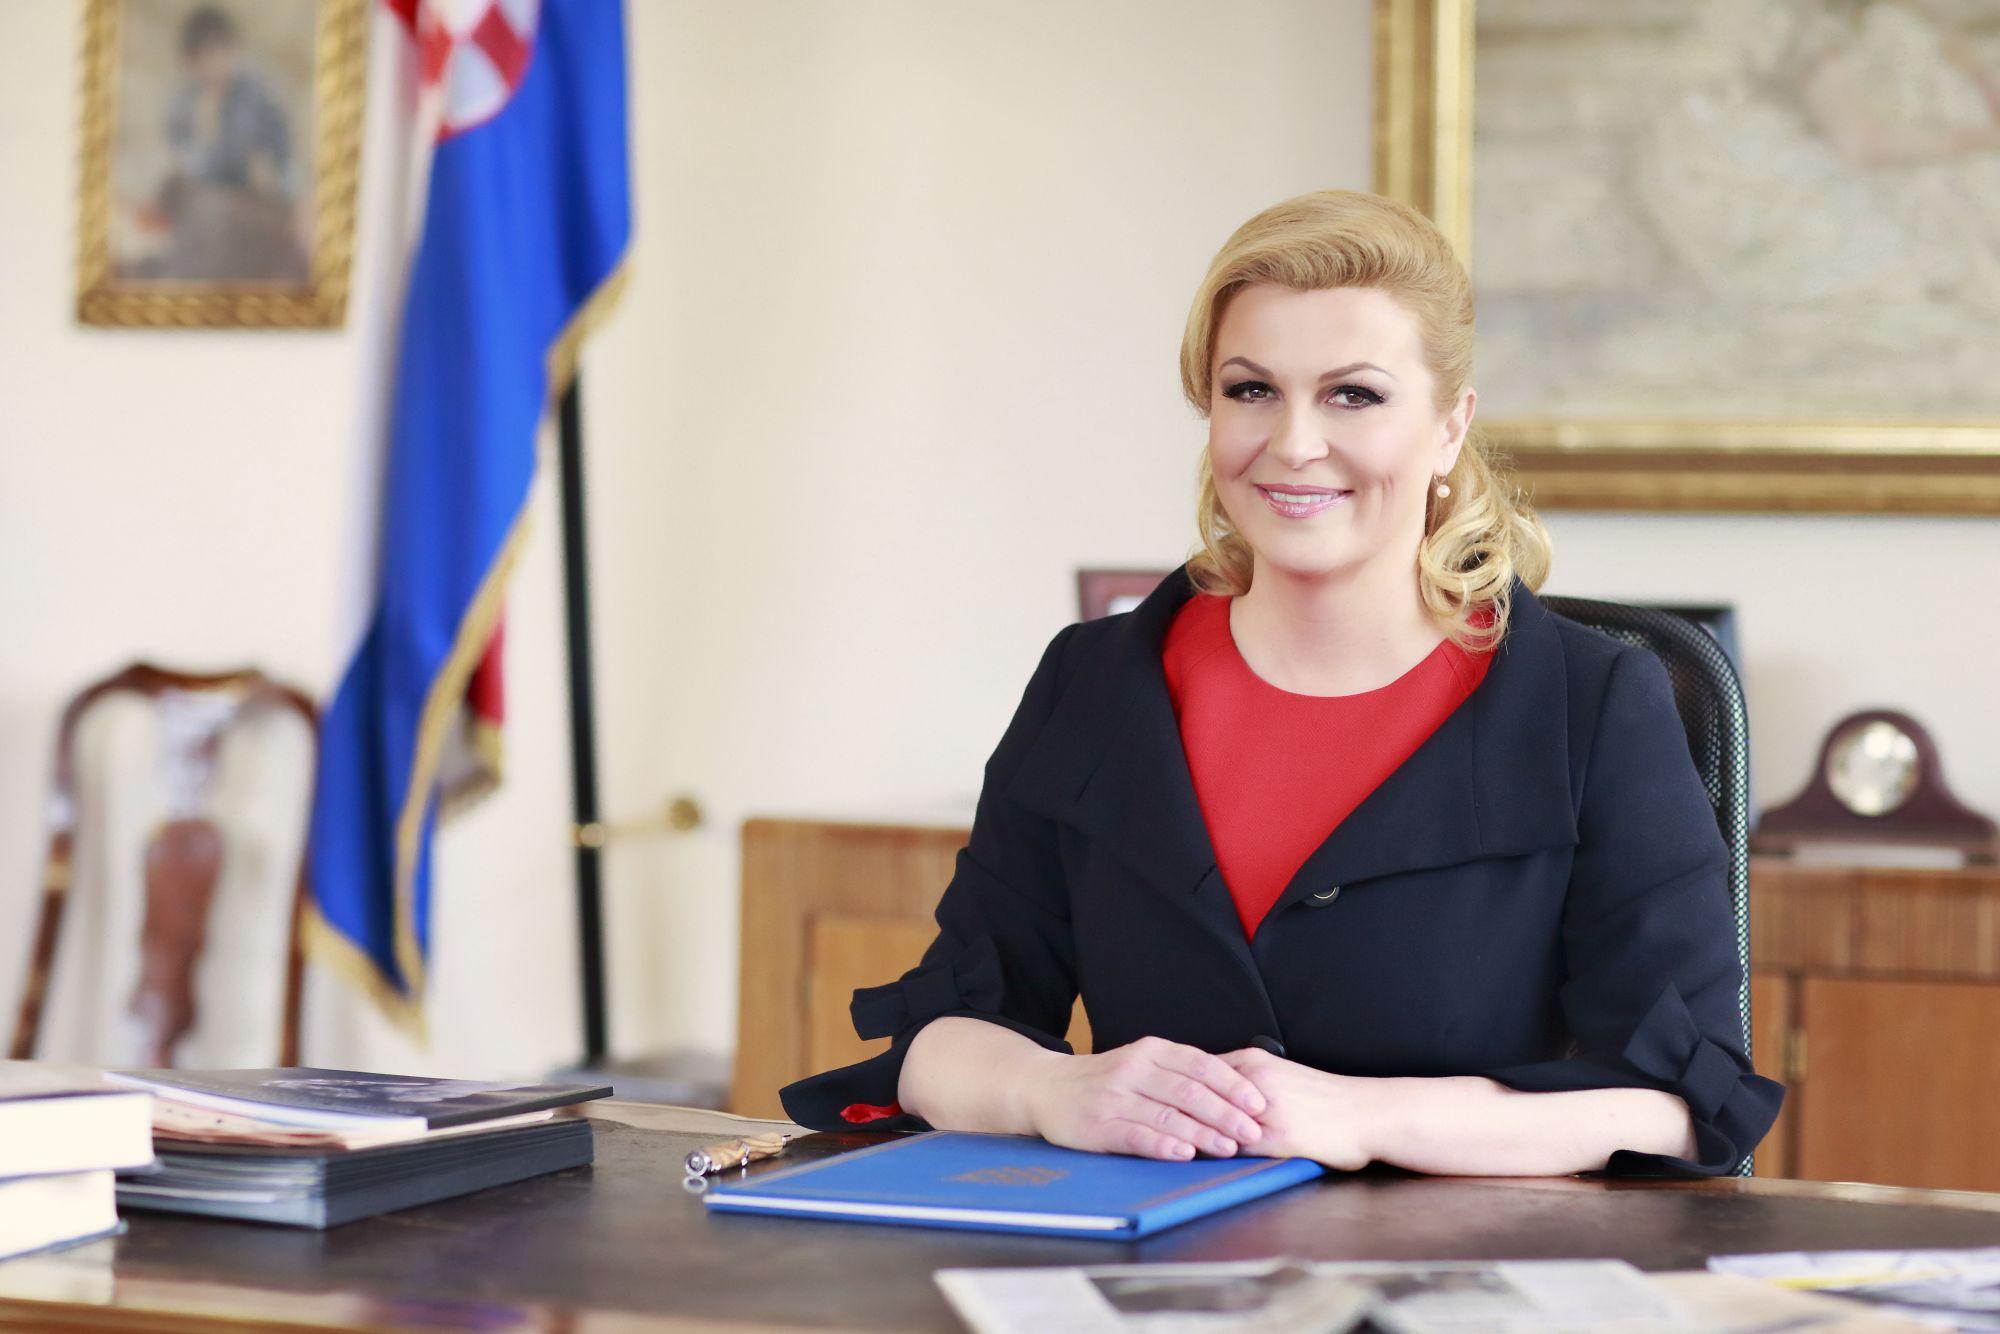 Grabar-Kitarović i Vučić u zajedničkoj misiji (de)stabilizacije regije